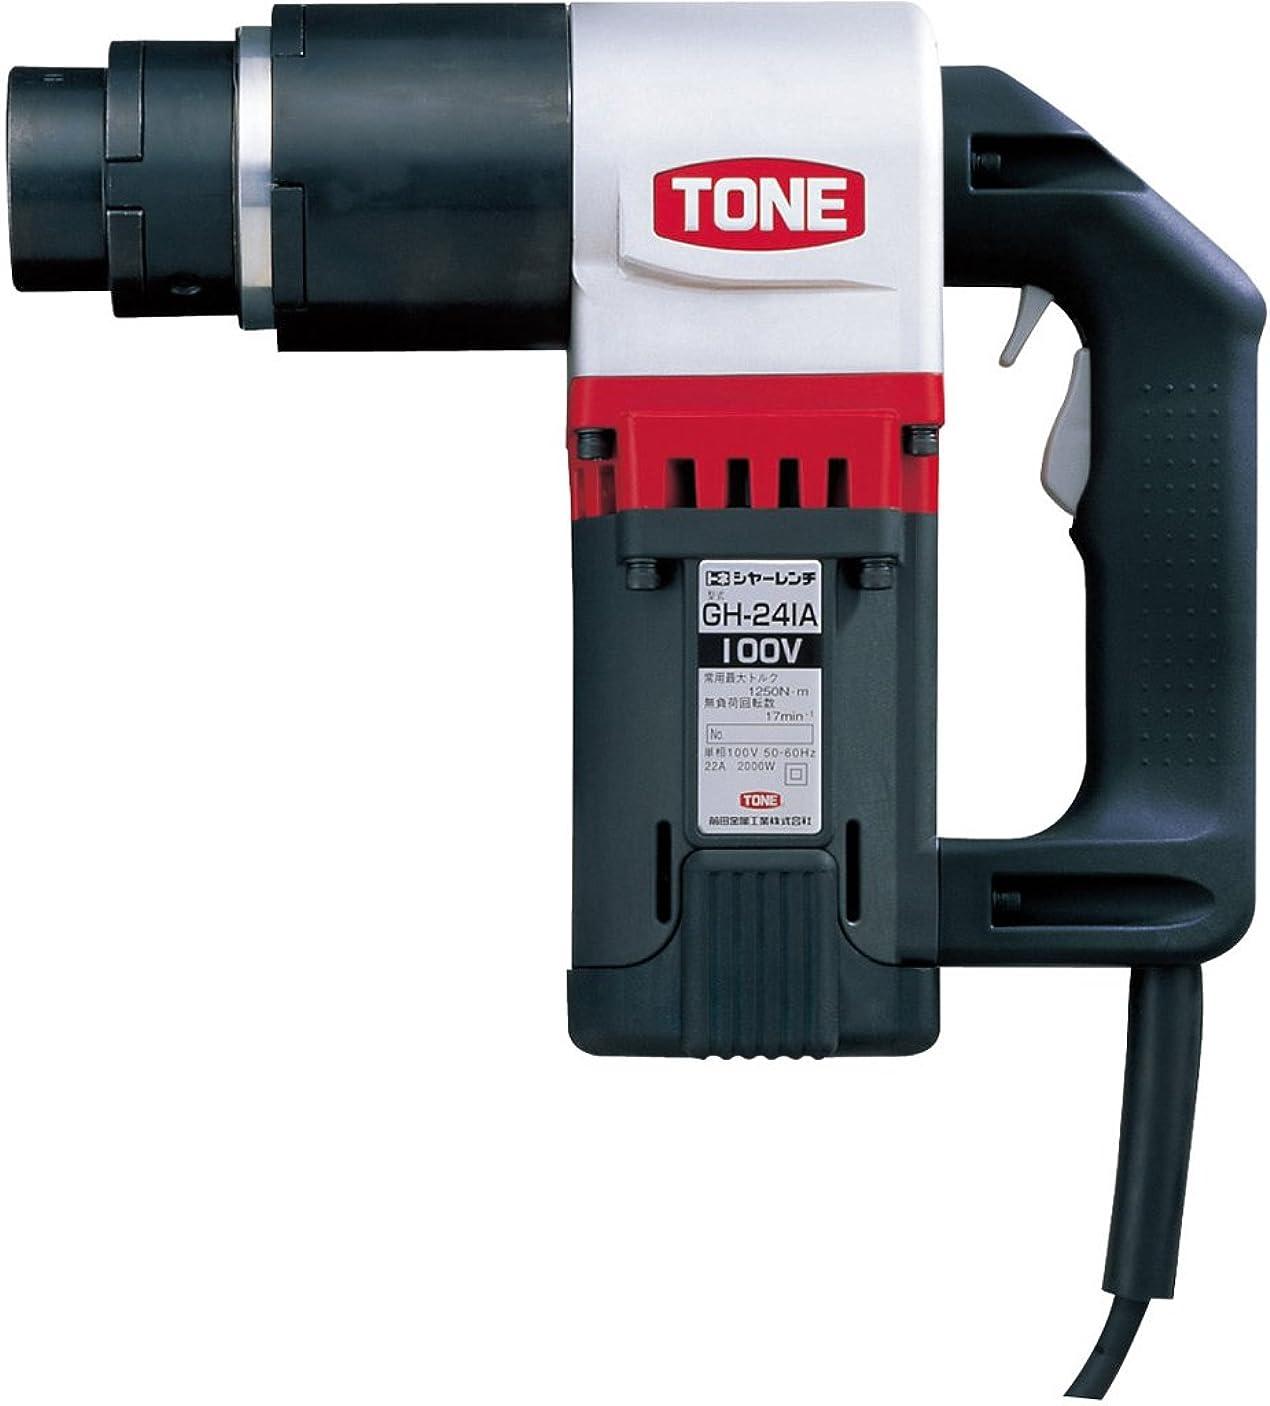 音楽直感簡潔なトネ(TONE) M24シヤーレンチ GH241AT 高力M20~M24 超高力M20~M24 100V ブラック